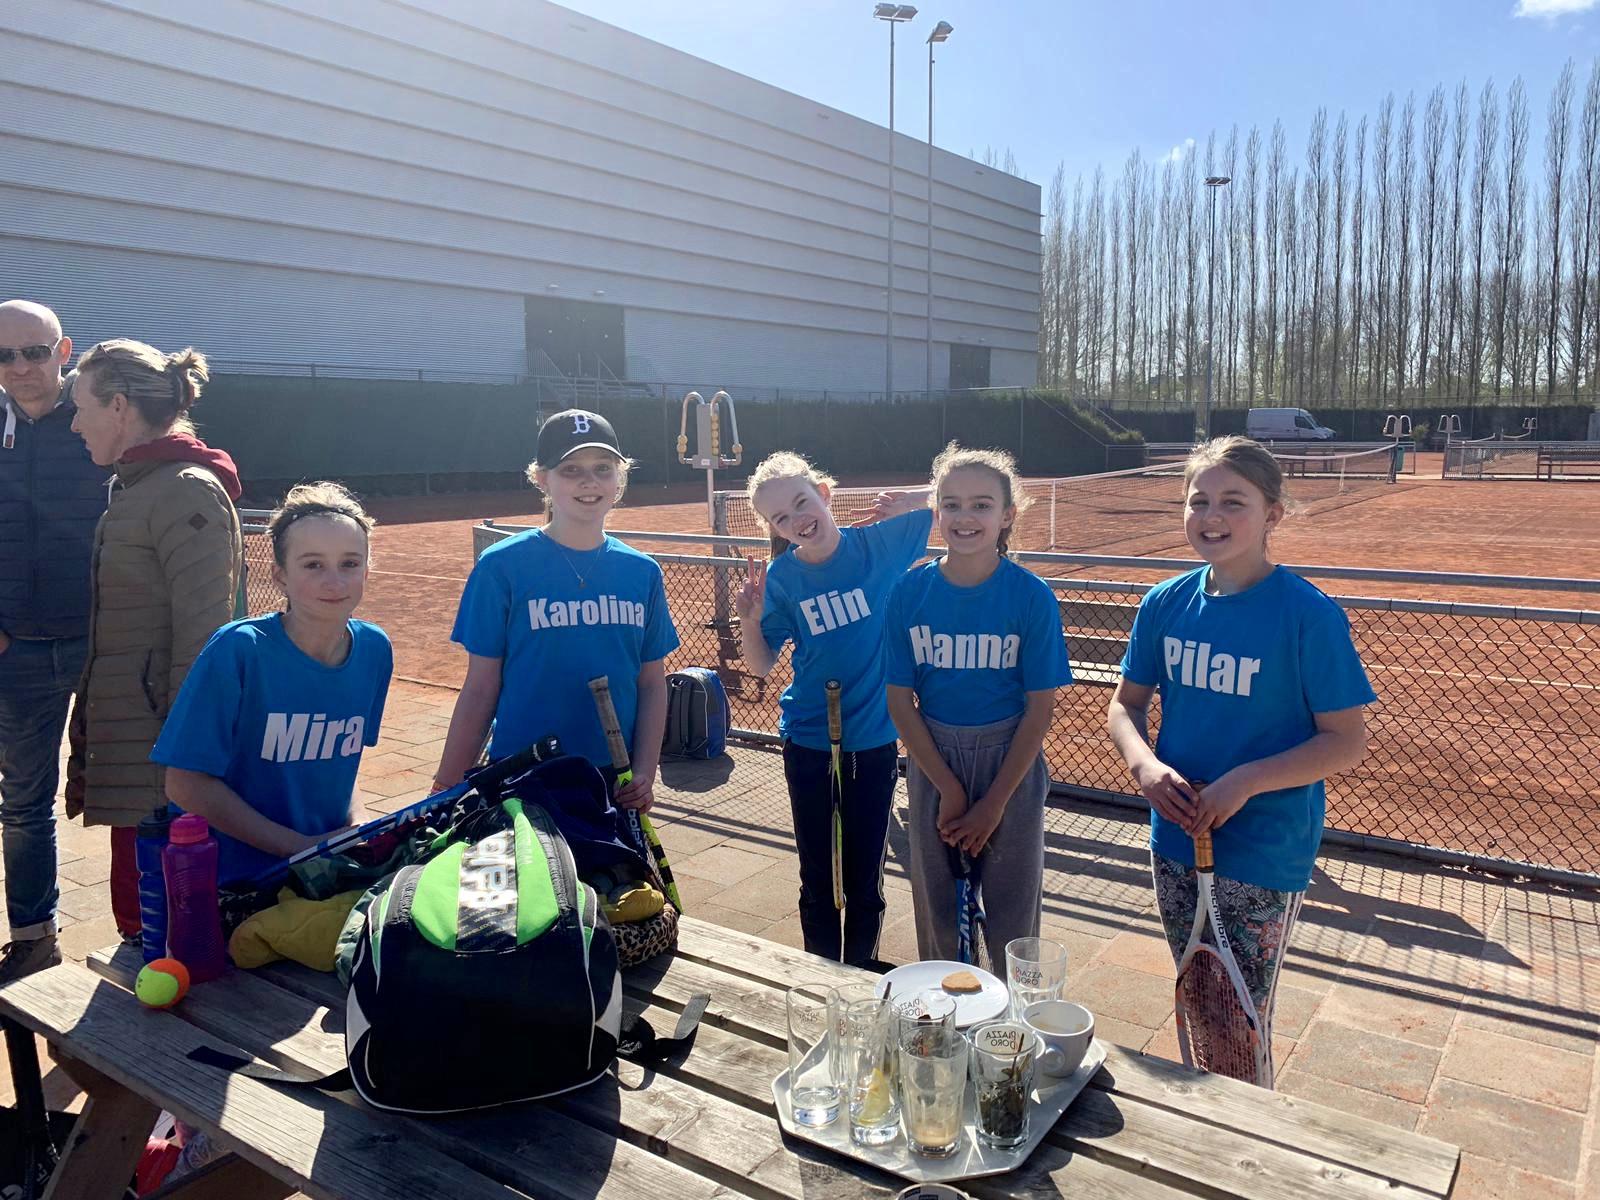 Een groep meisjes bij de tennisbaan